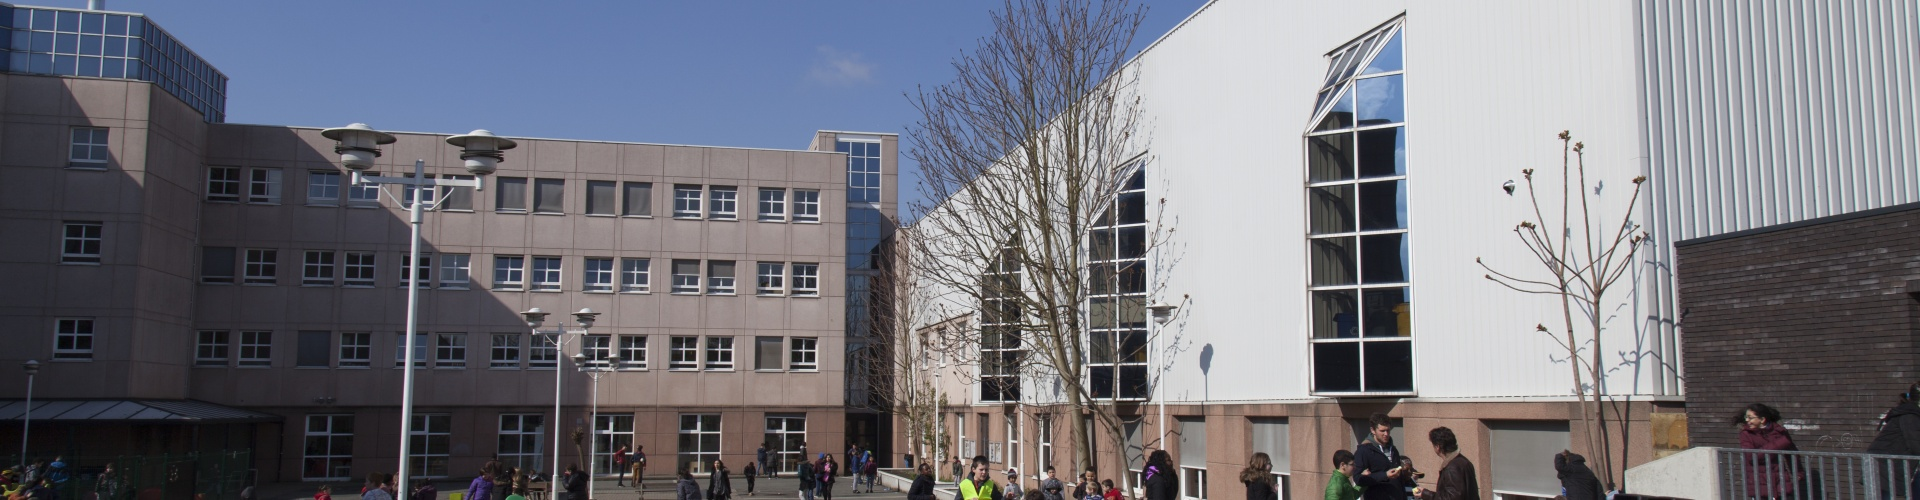 Campus Spoor West Anderlecht